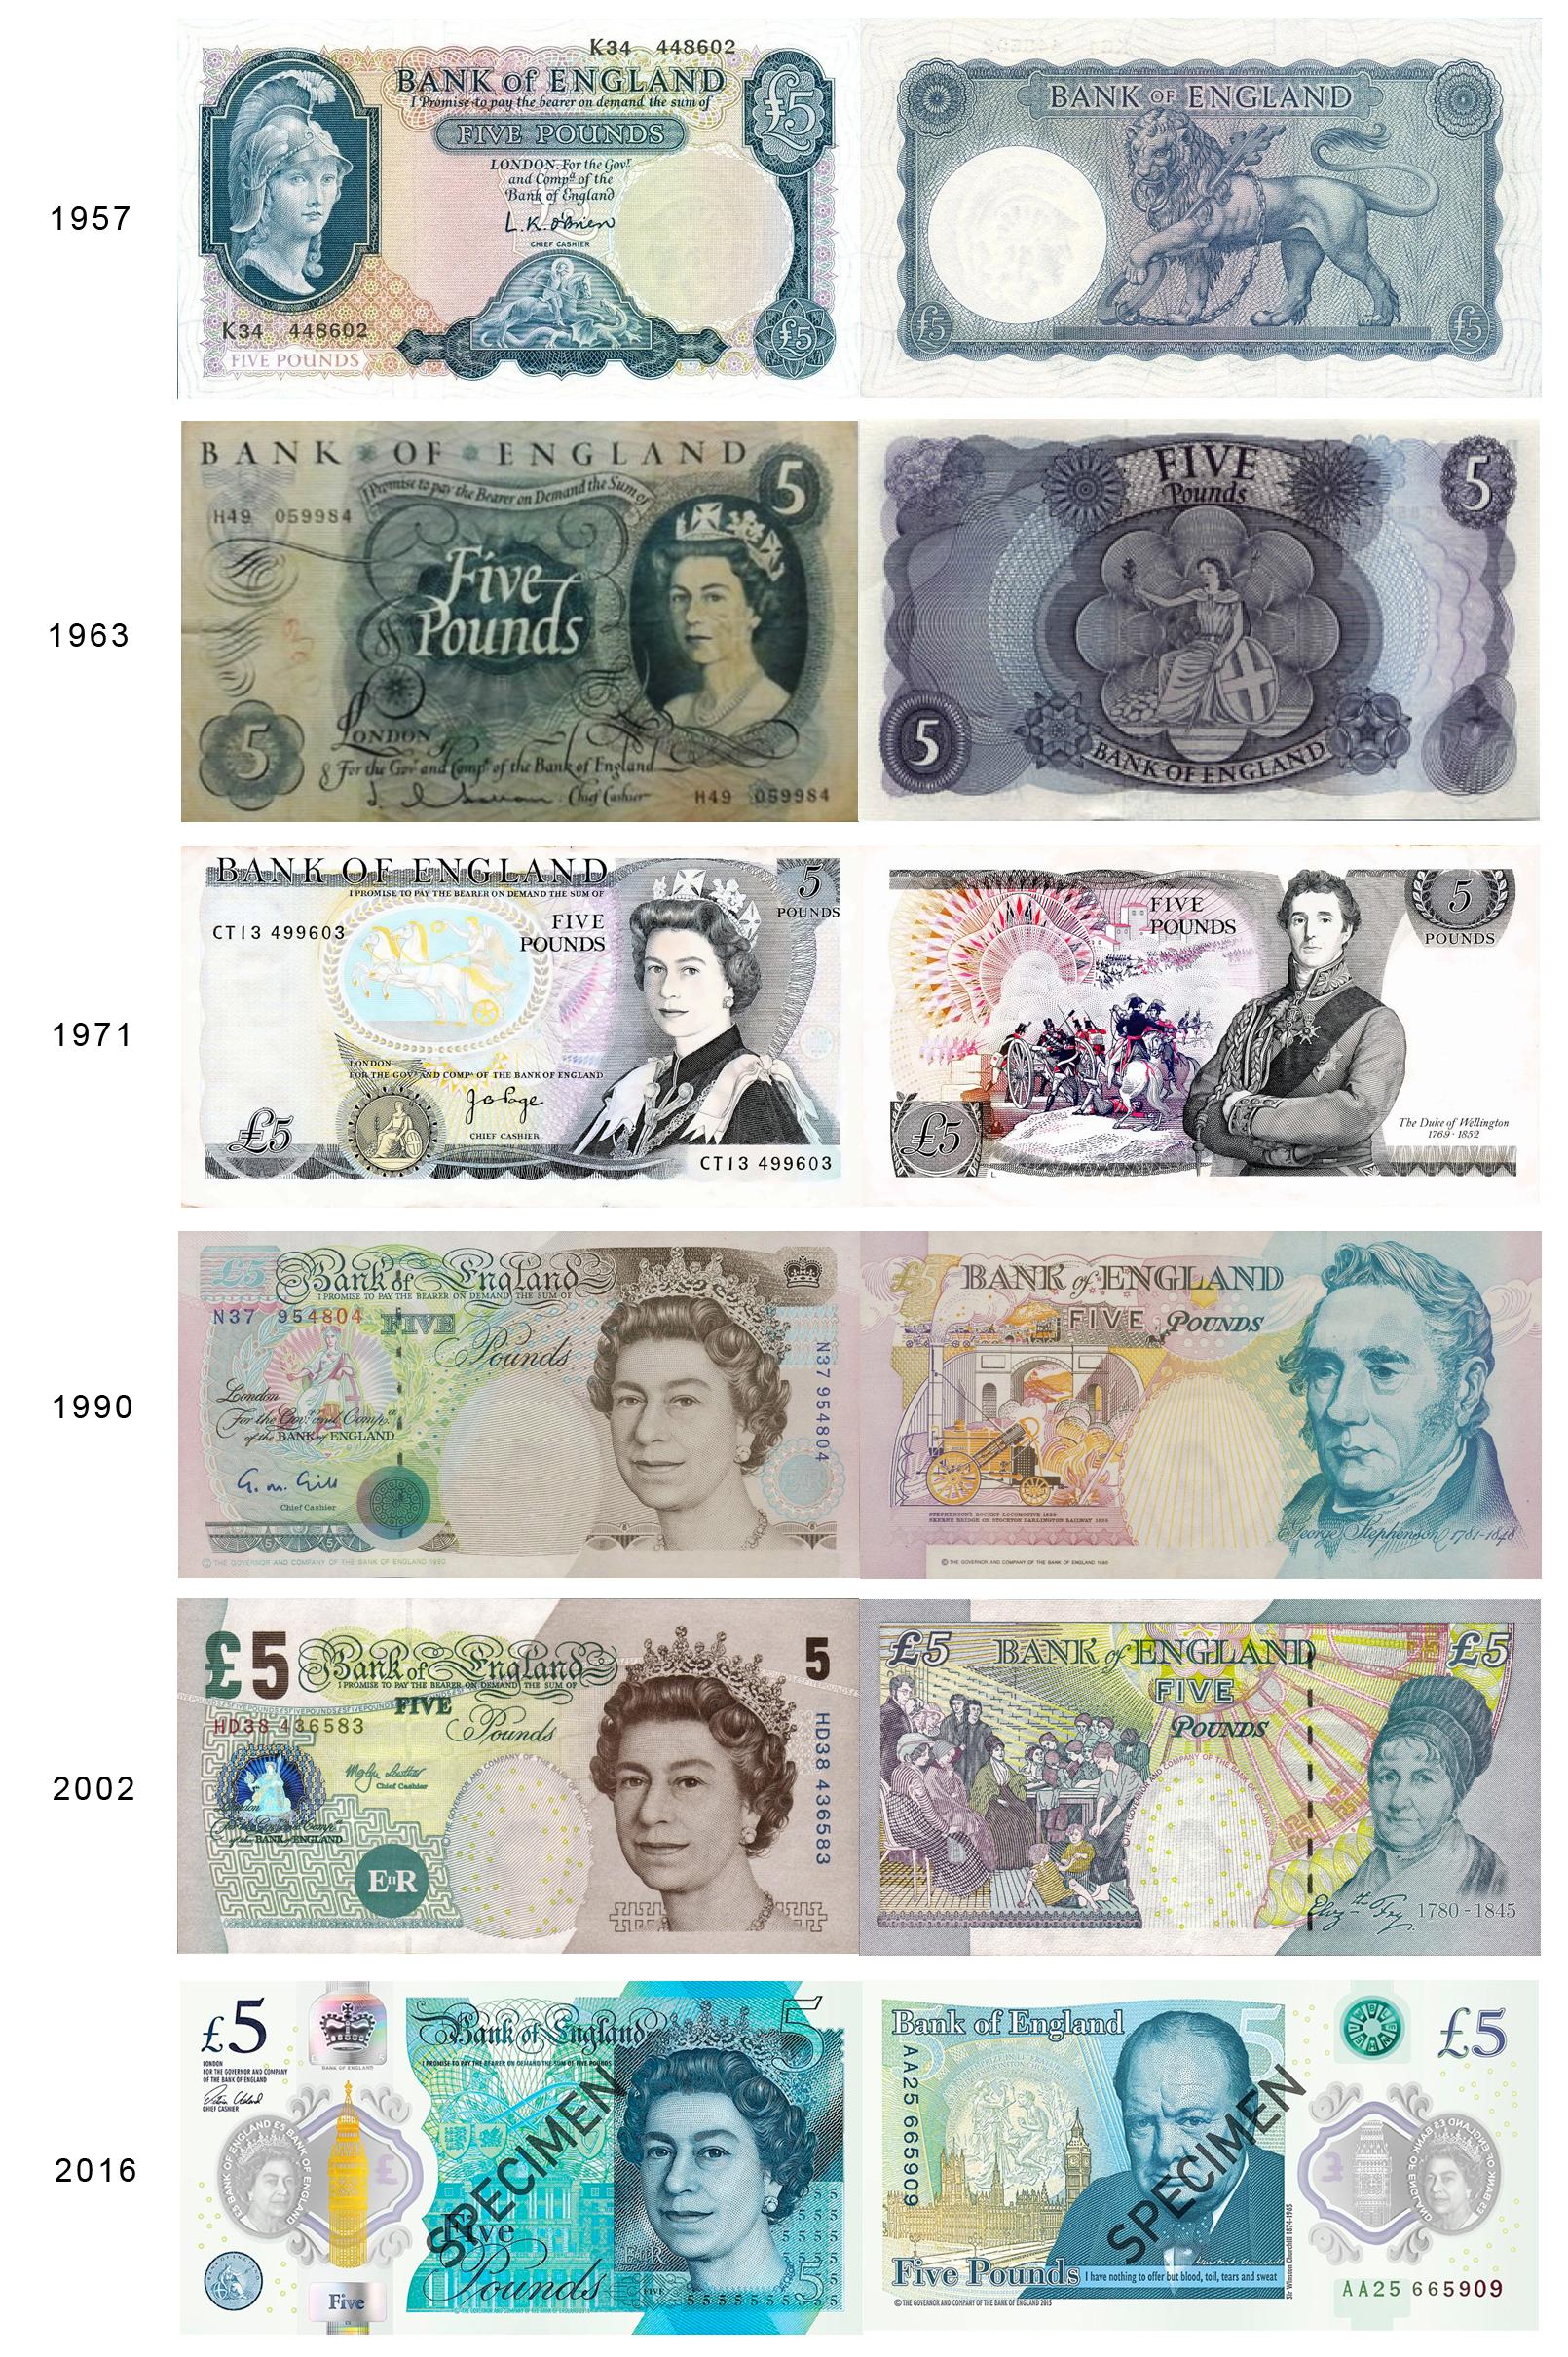 Ewolucja banknotu 5 funtowego 1963 - 2016 r. Źródło: www.bankofengland.co.uk, kompilacja Enemy